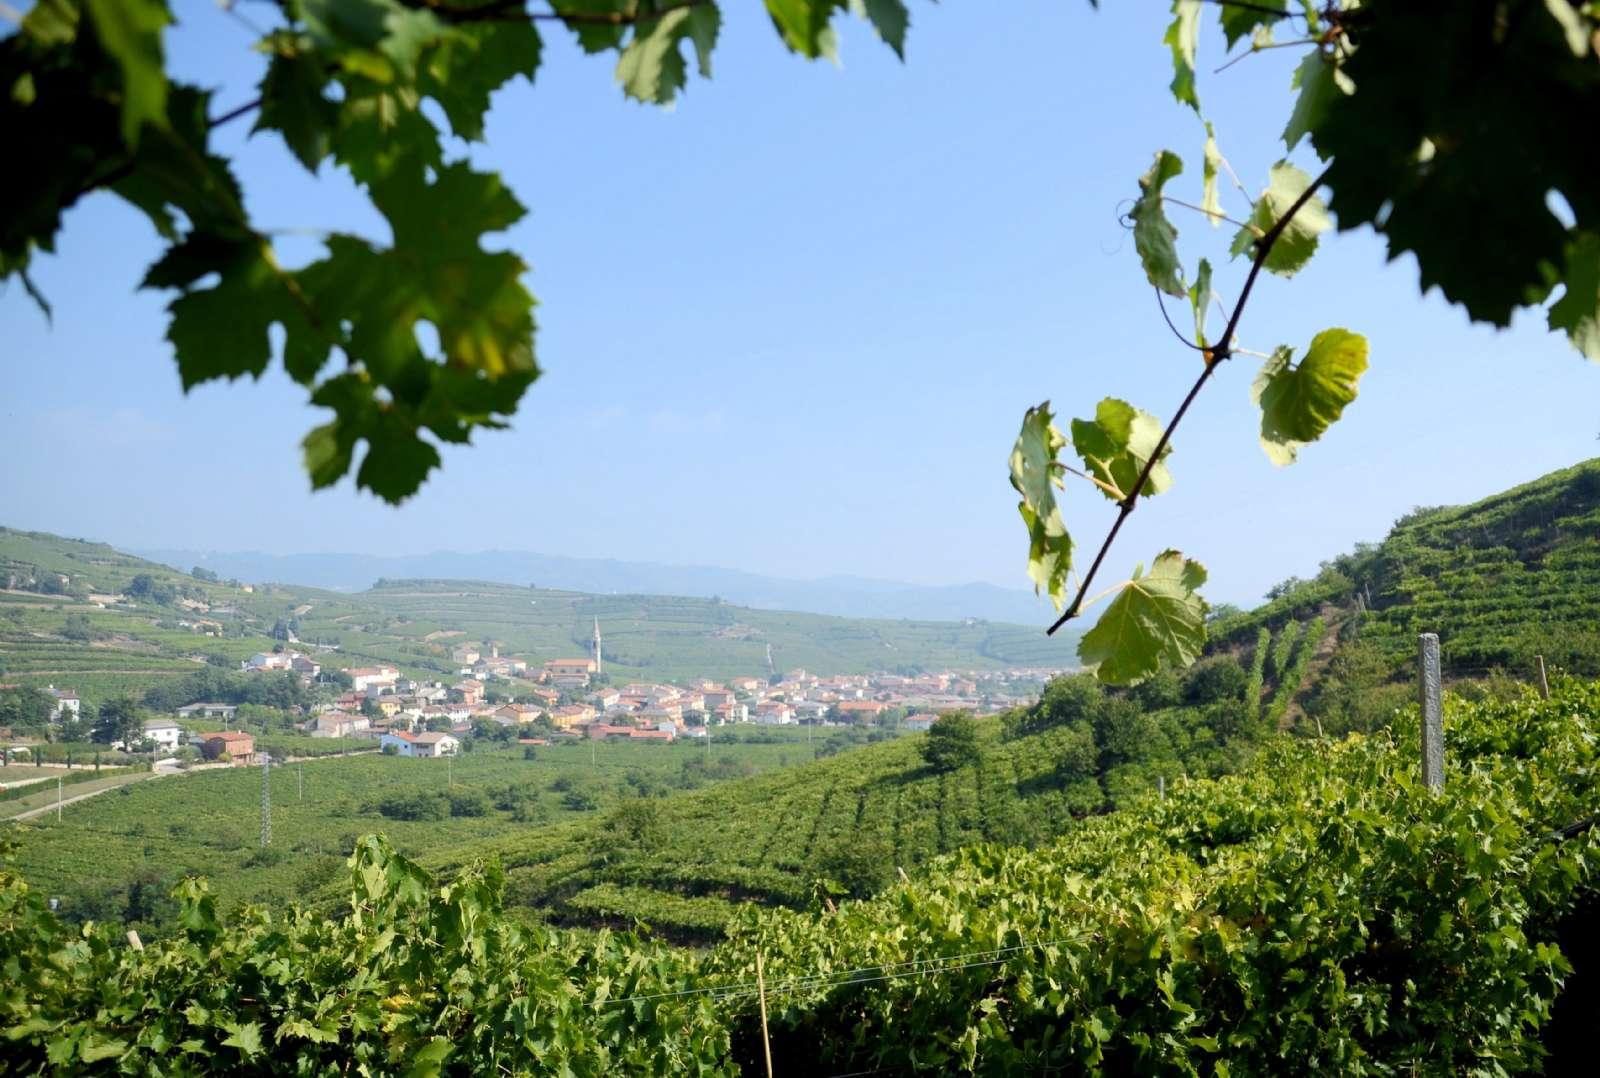 Fin omväxling mellan vinmarker och landsbyar